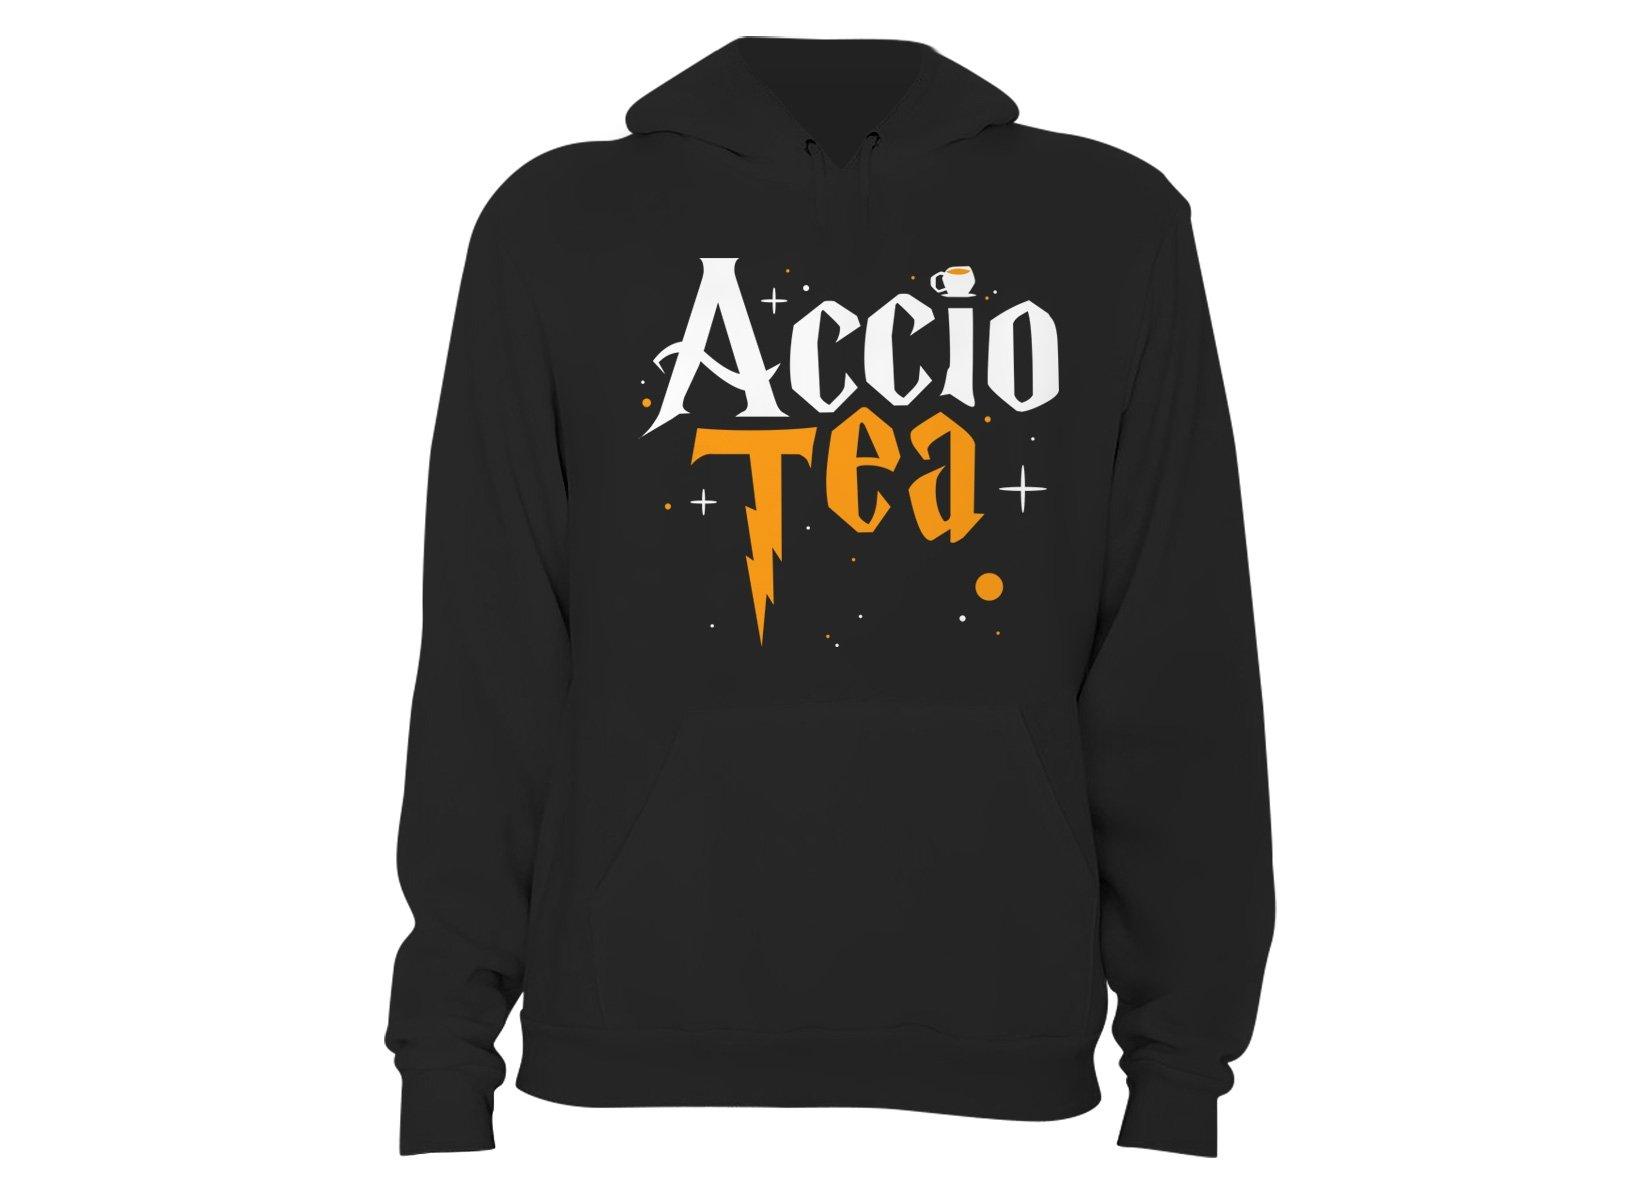 Accio Tea on Hoodie